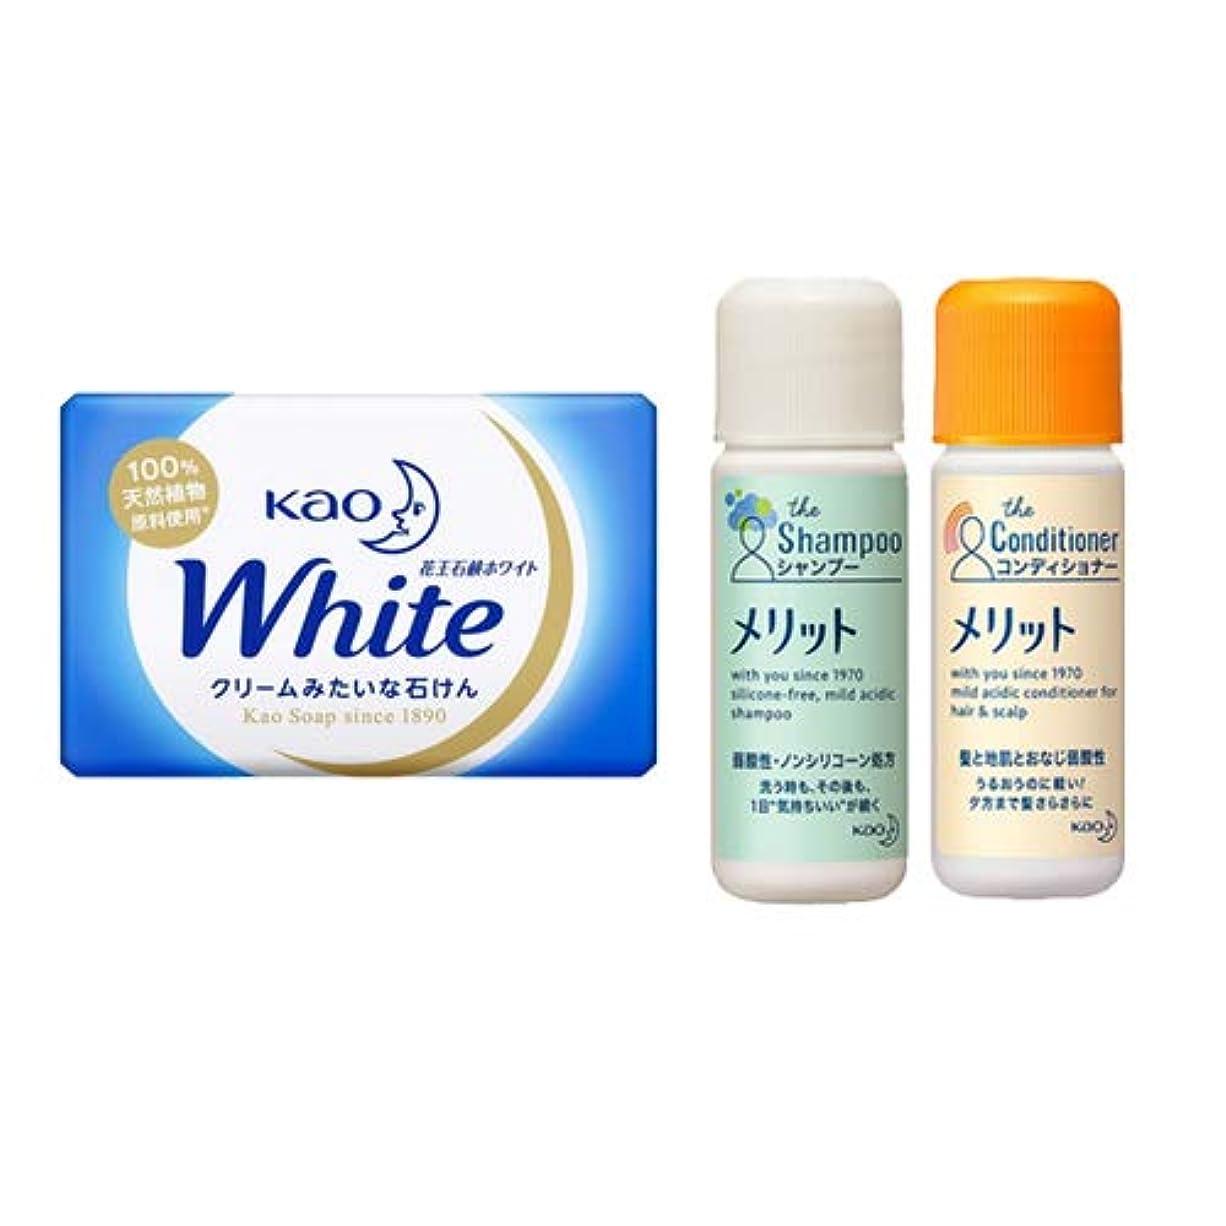 統計ソケット勃起花王(KAO) 石鹸ホワイト(Kao Soap White) 15g + メリットシャンプー 16ml + リンス 16ml セット